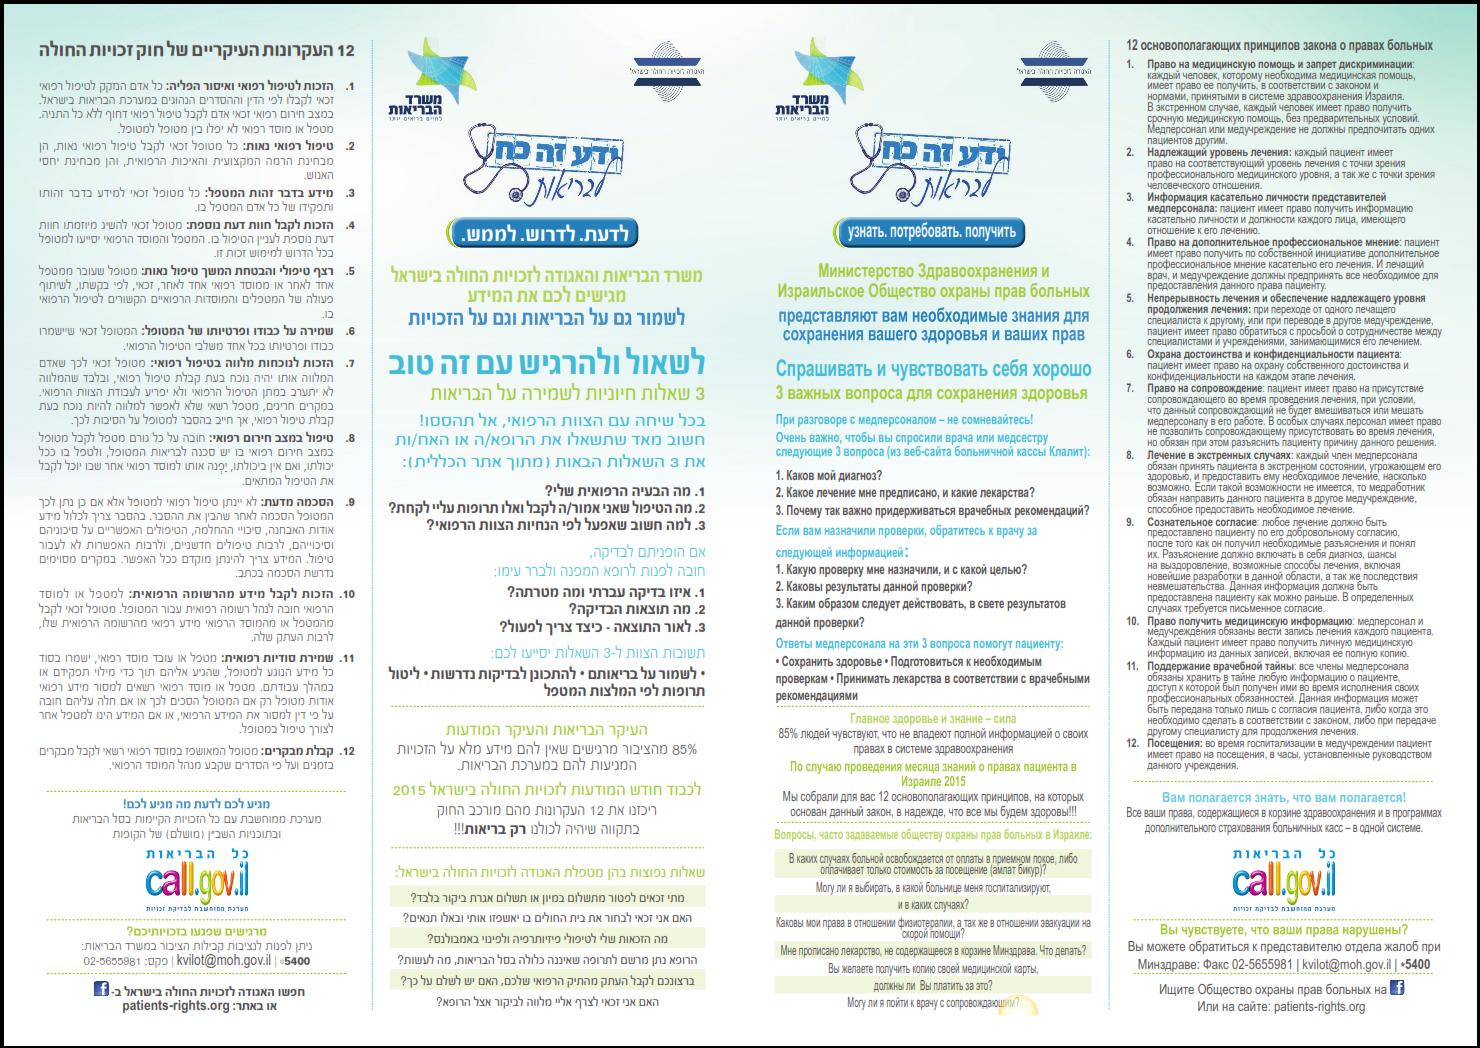 12 עקרונות חוק זכויות החולה